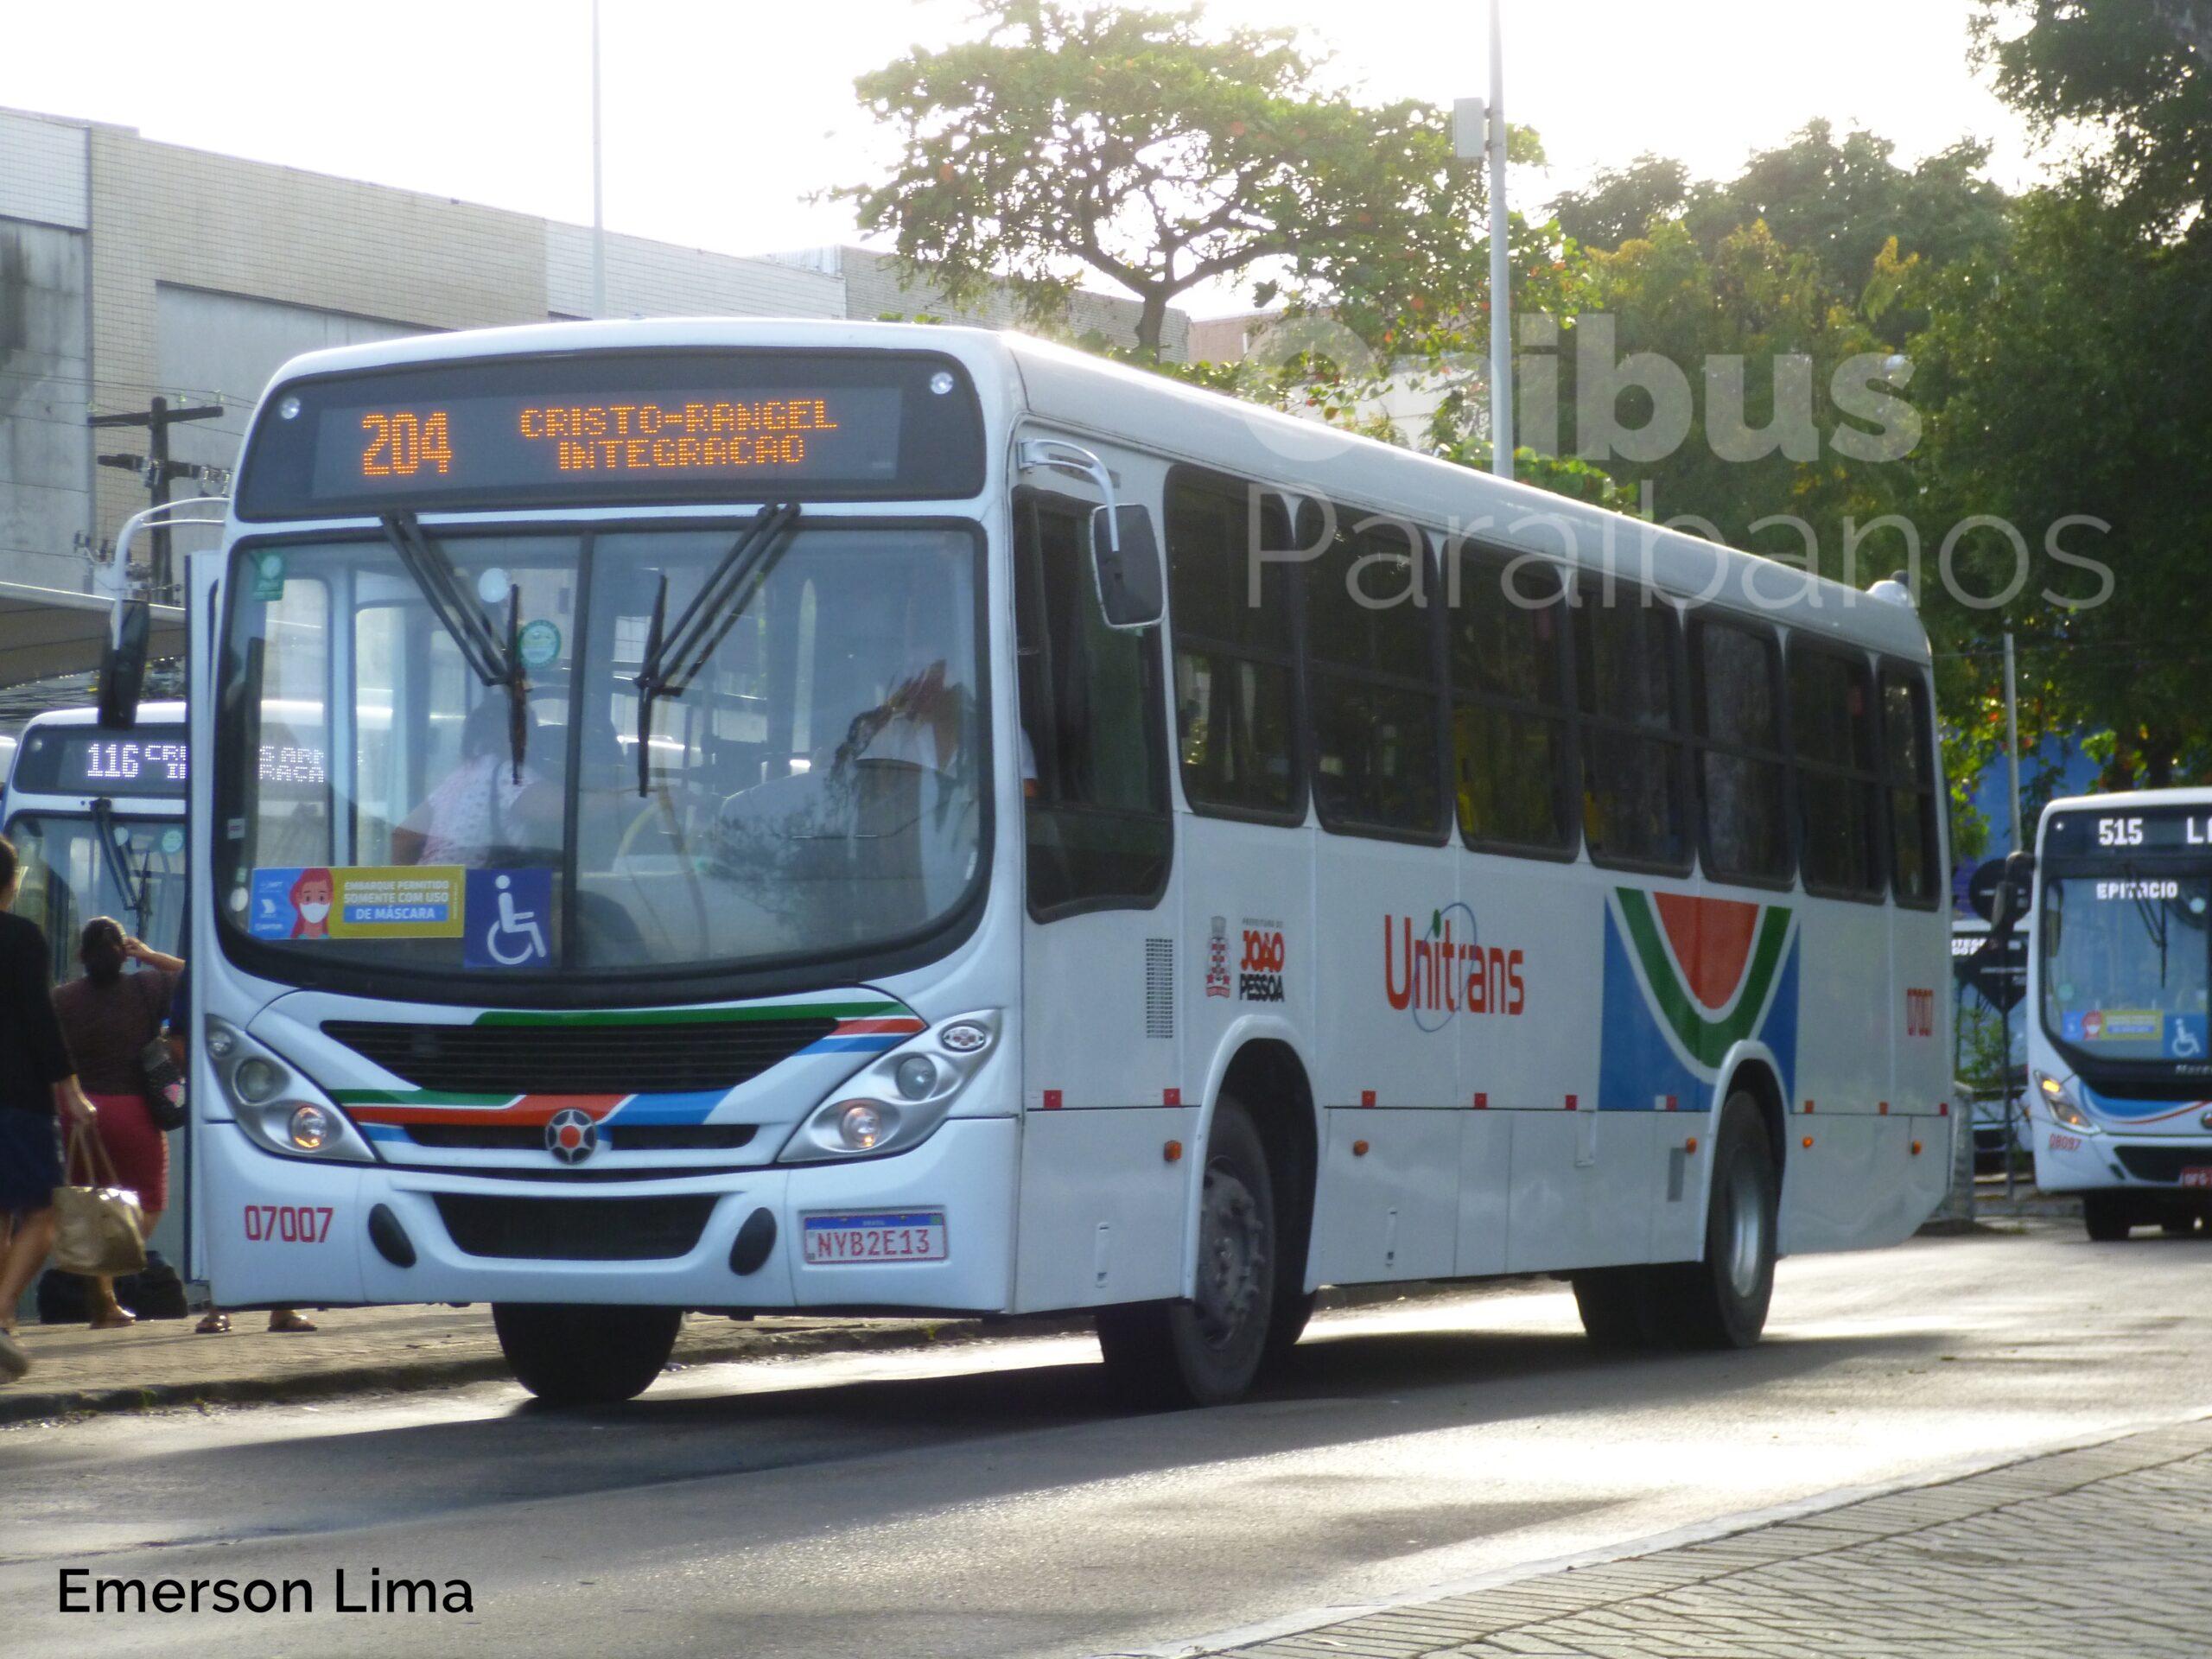 Ônibus Paraibanos na rua: olha só quem está de volta na Unitrans